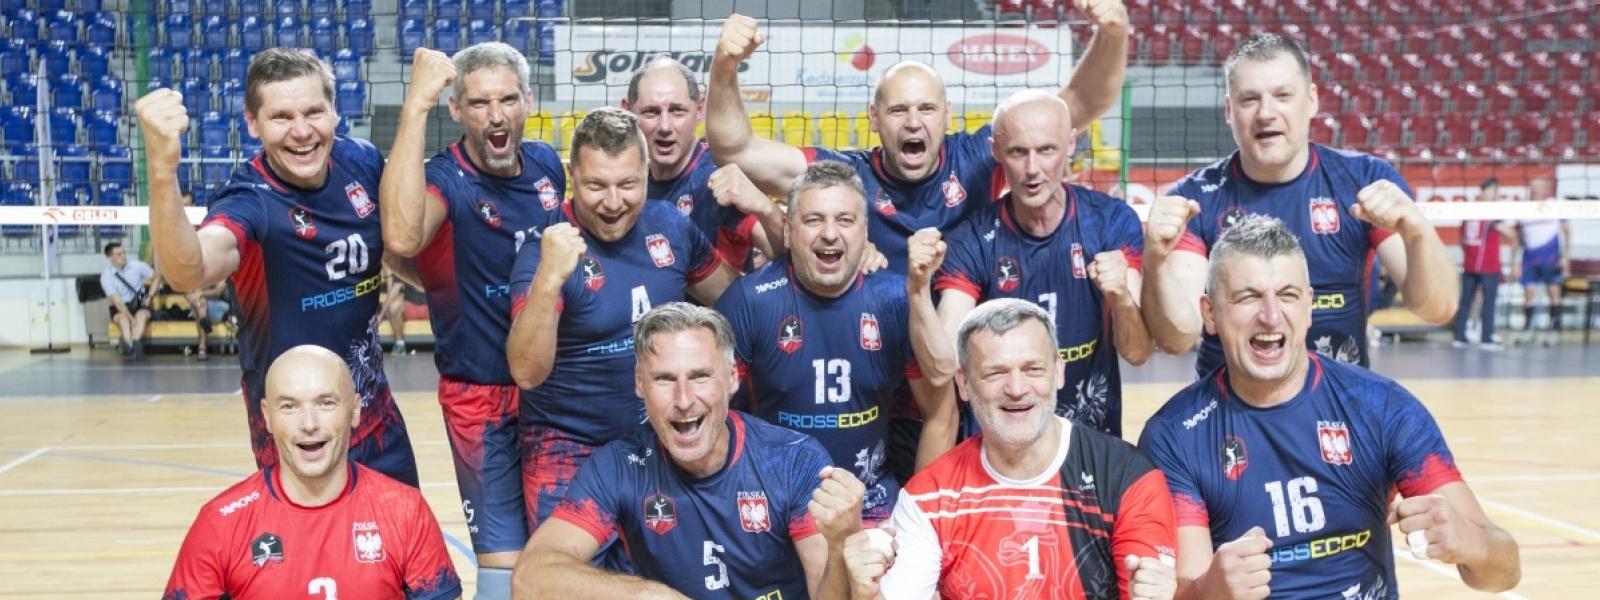 KAMAN VOLLEY gotowy na ORLEN Mistrzostwa Polski Oldboyów